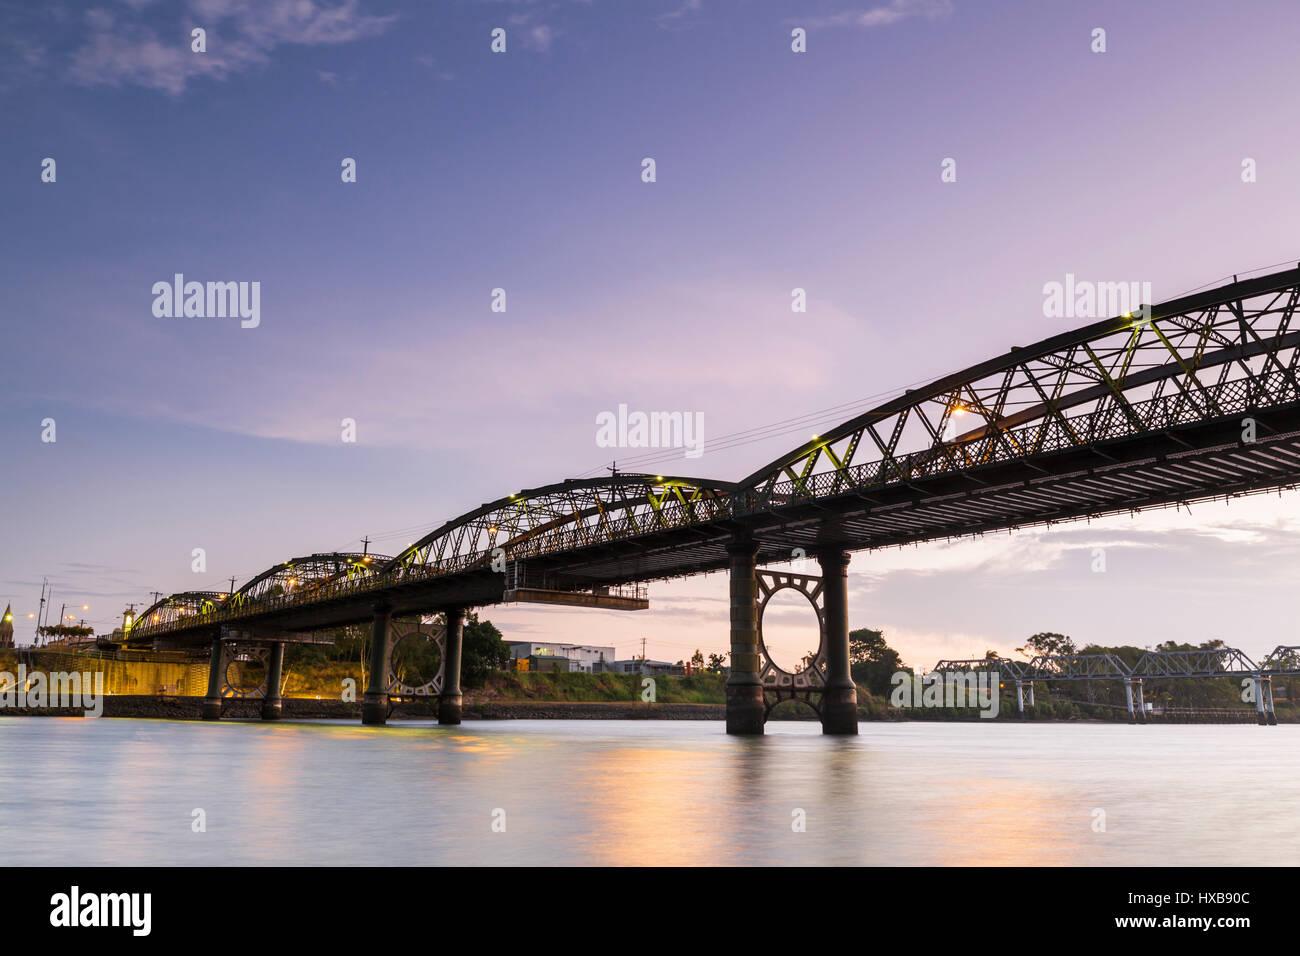 Le pont Burnett, classé au patrimoine mondial au crépuscule. Bundaberg, Queensland, Australie Photo Stock